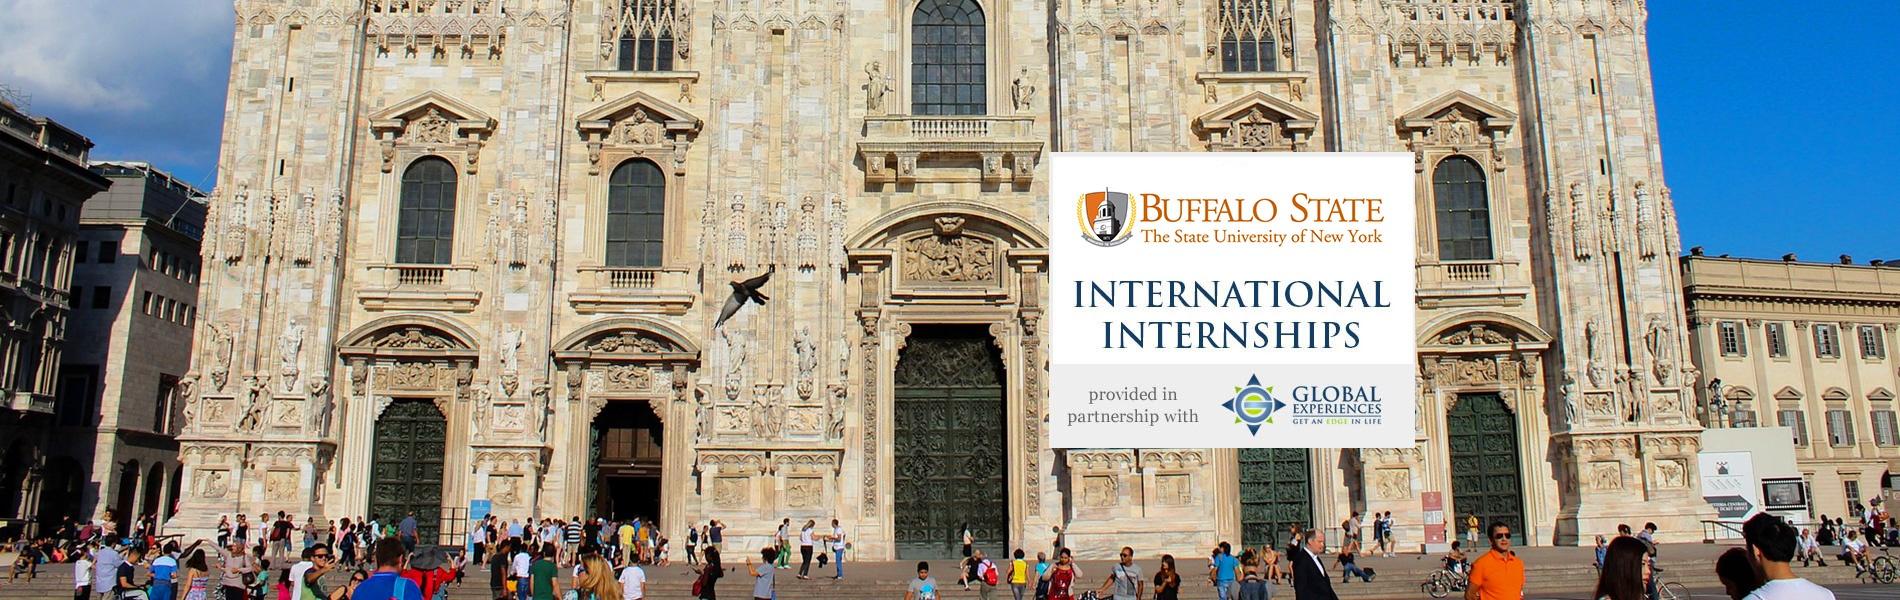 Buffalo State Intern Abroad